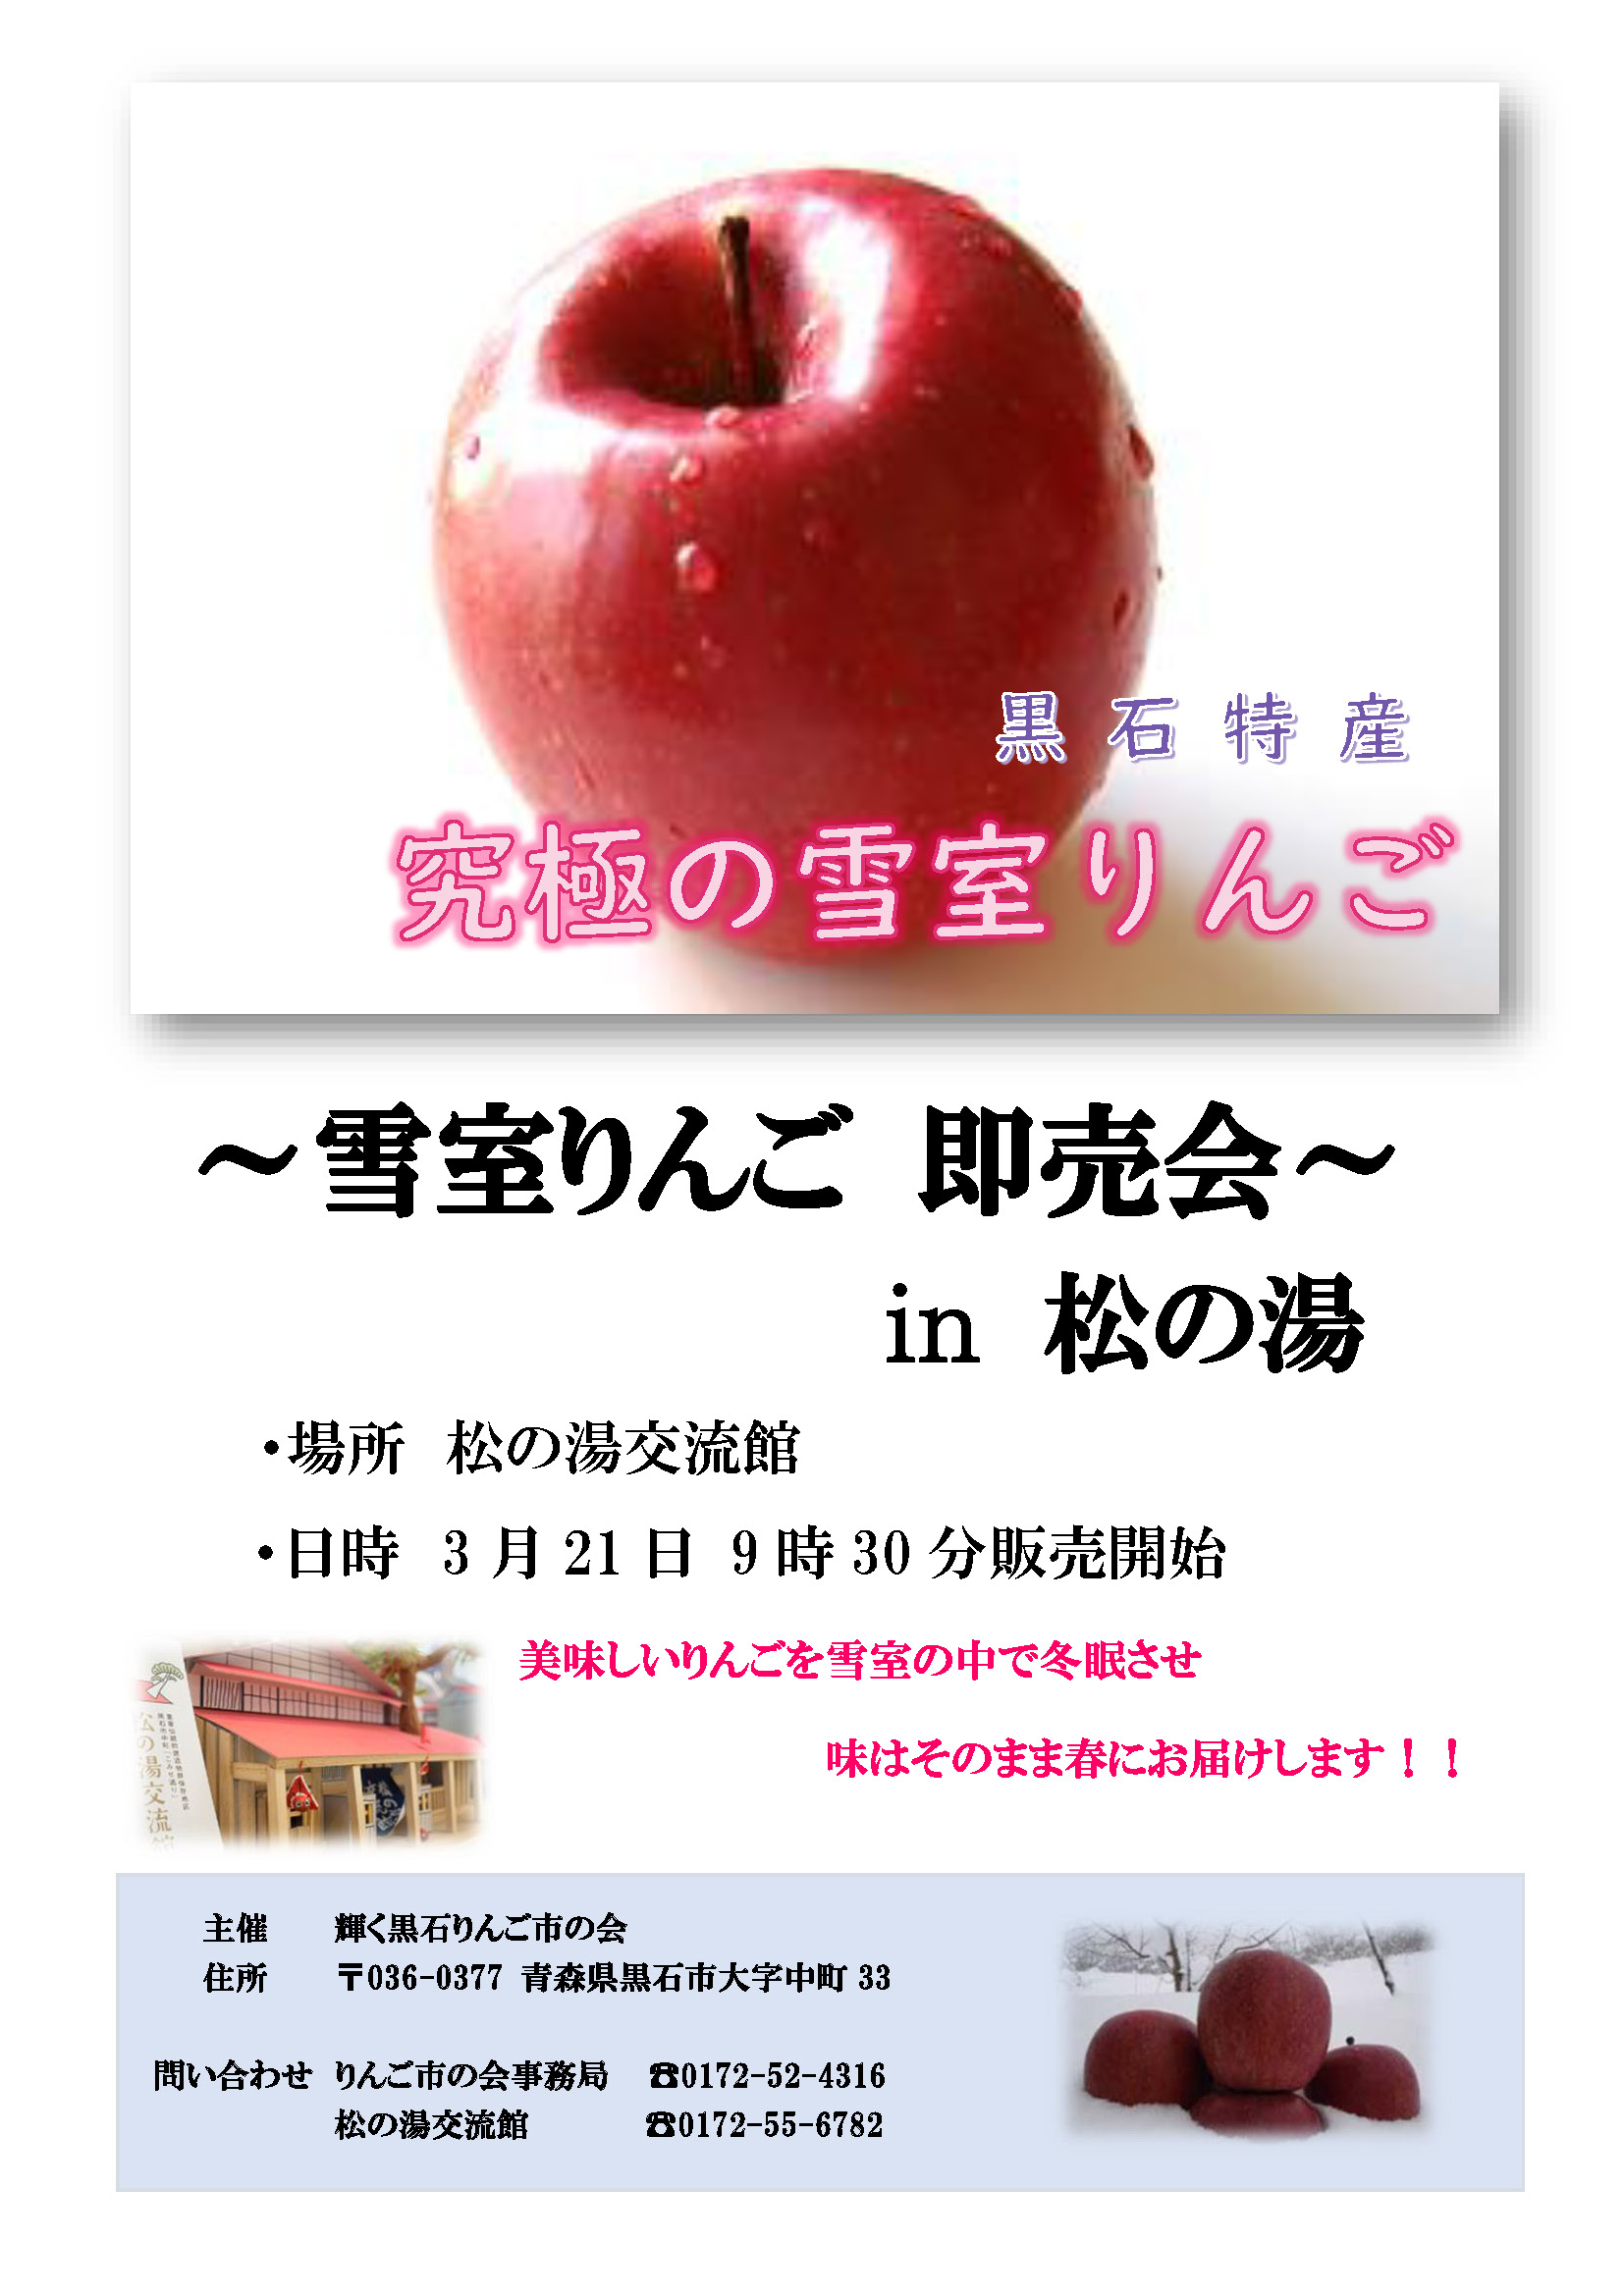 3/21(木・祝)雪室りんご即売会 in松の湯